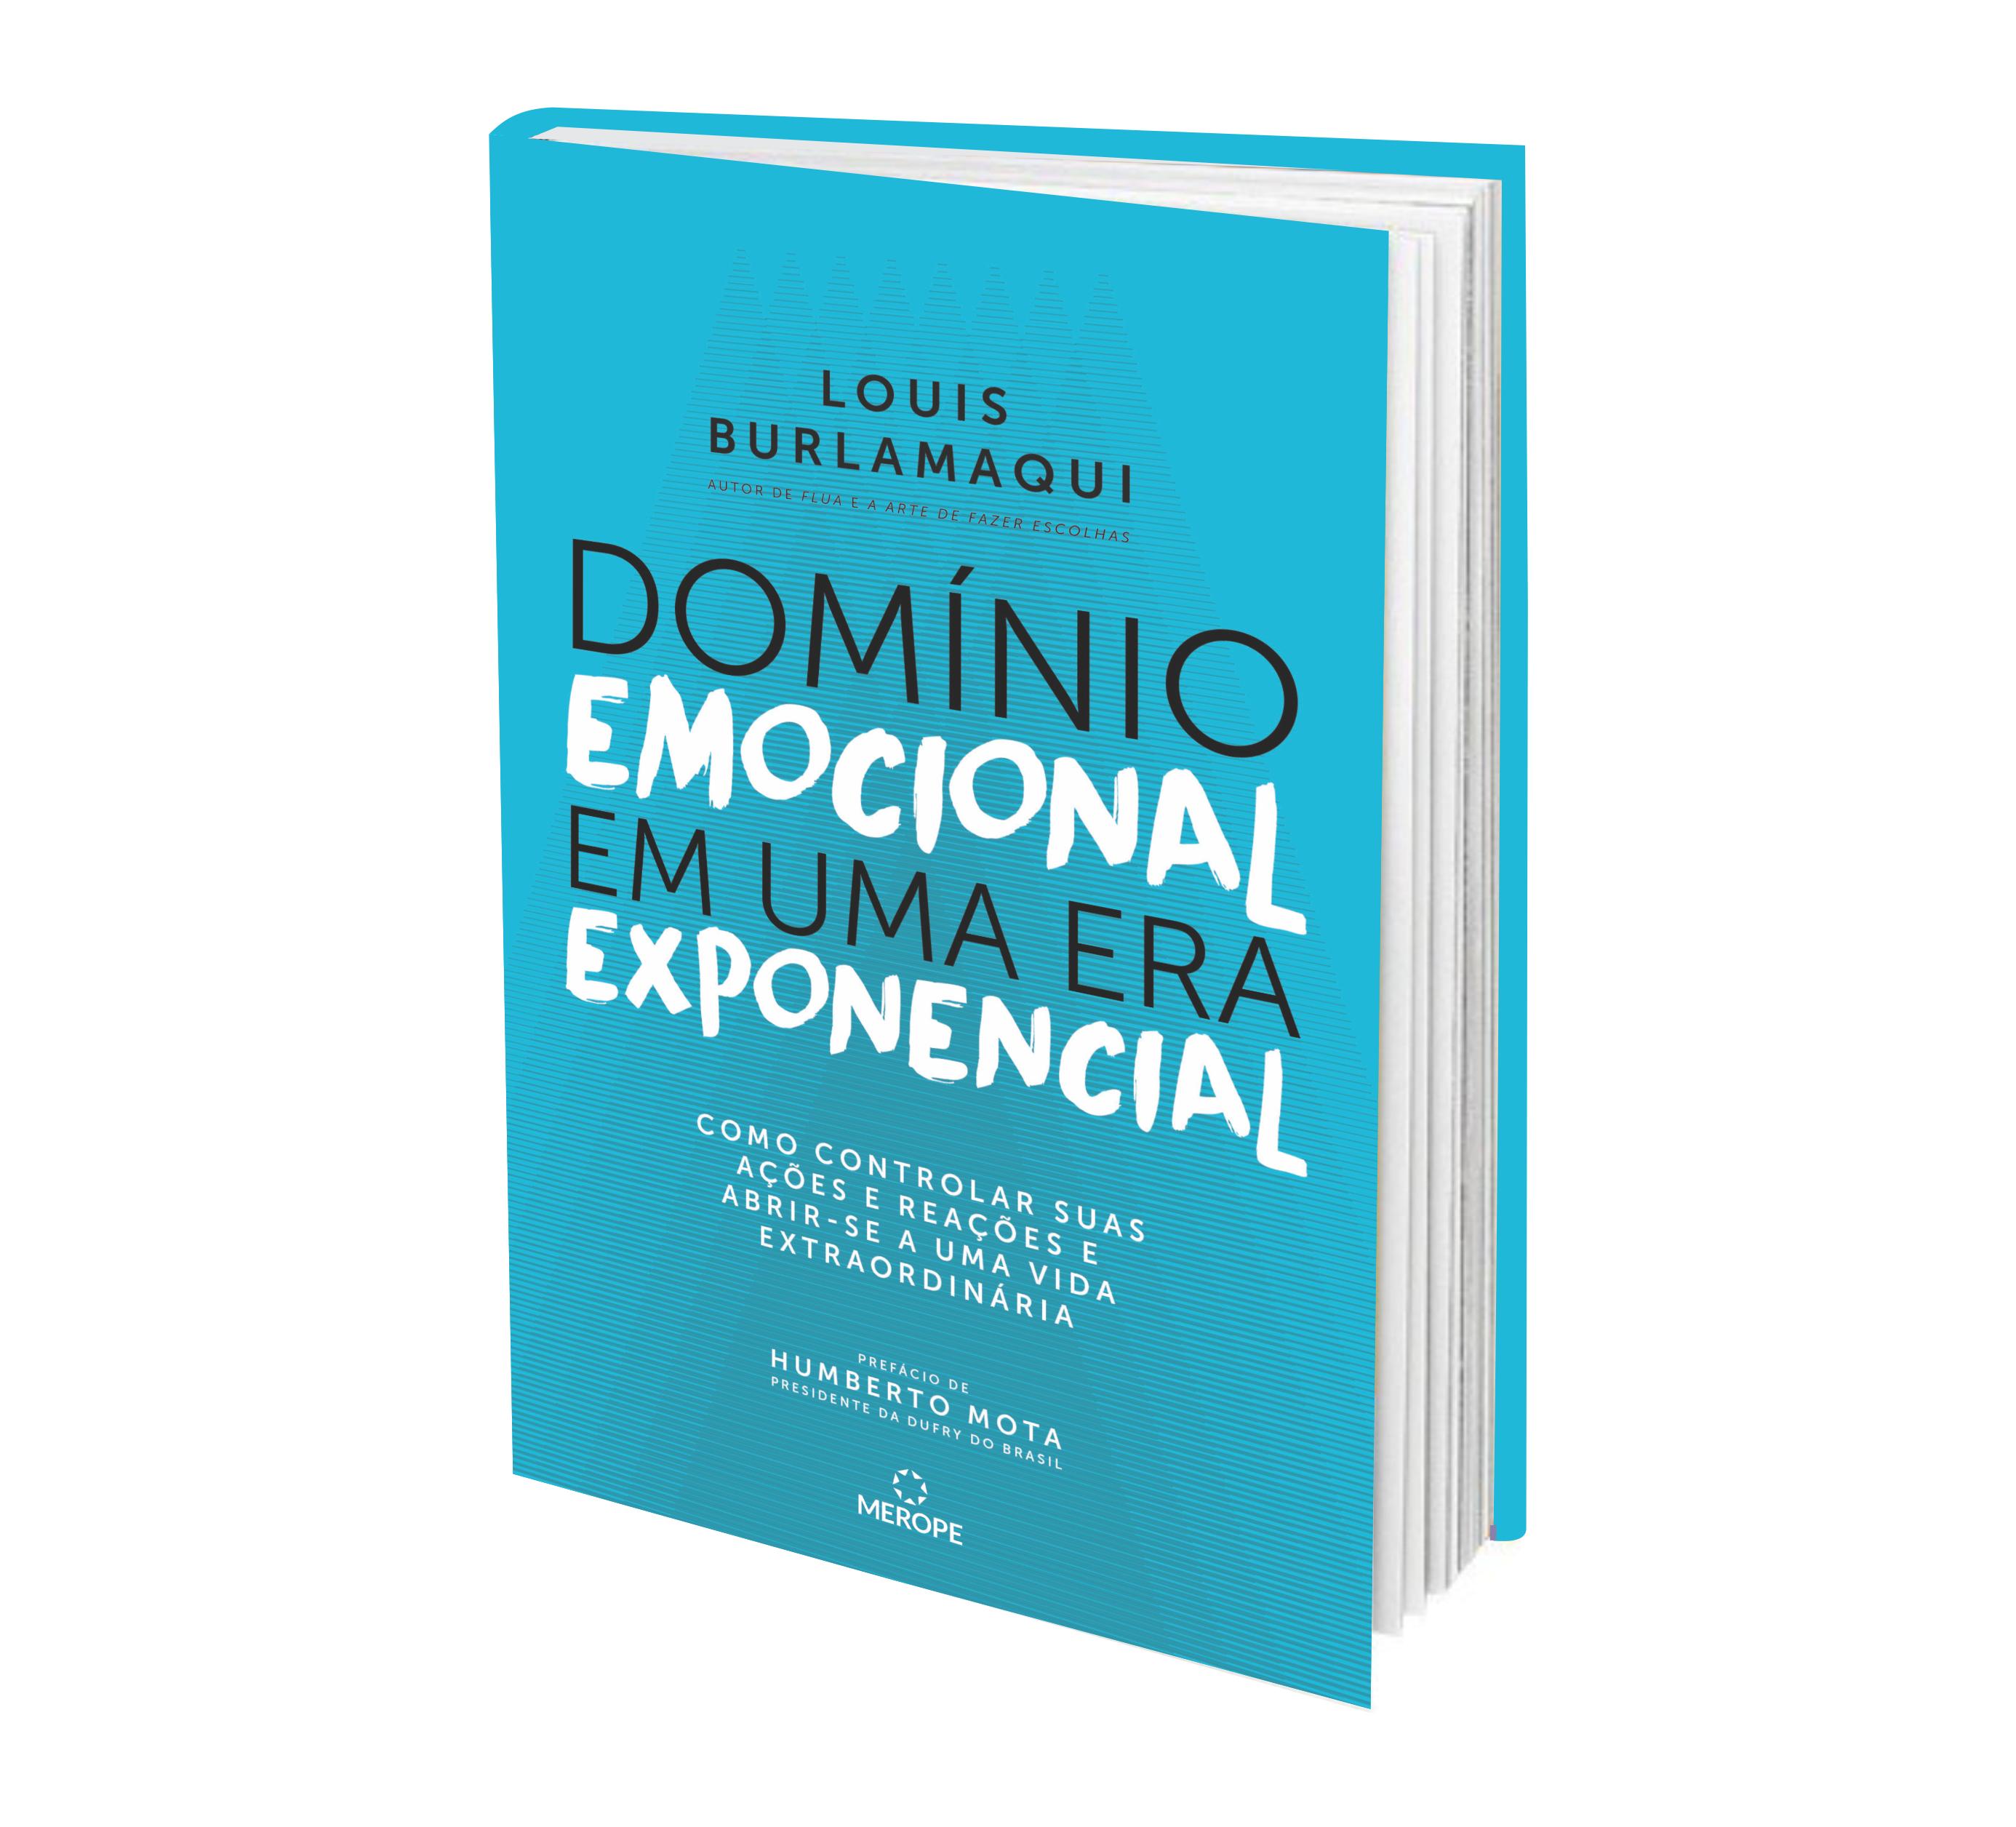 DOMÍNIO EMOCIONAL EM UMA ERA EXPONENCIAL - VERSÃO DIGITAL